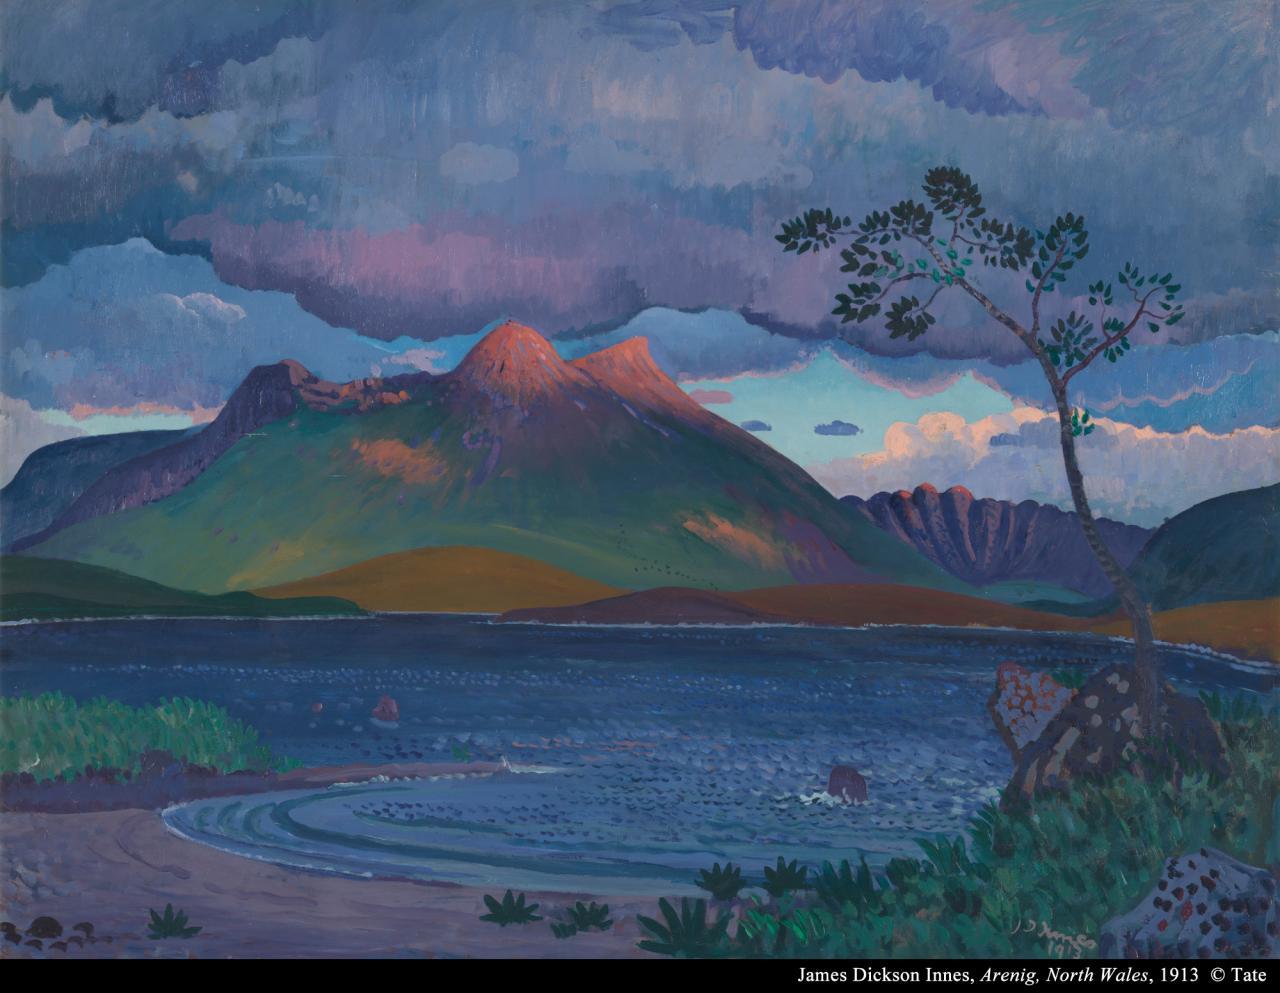 詹士.狄克森.英内斯《北威尔斯阿雷尼格山》的图片